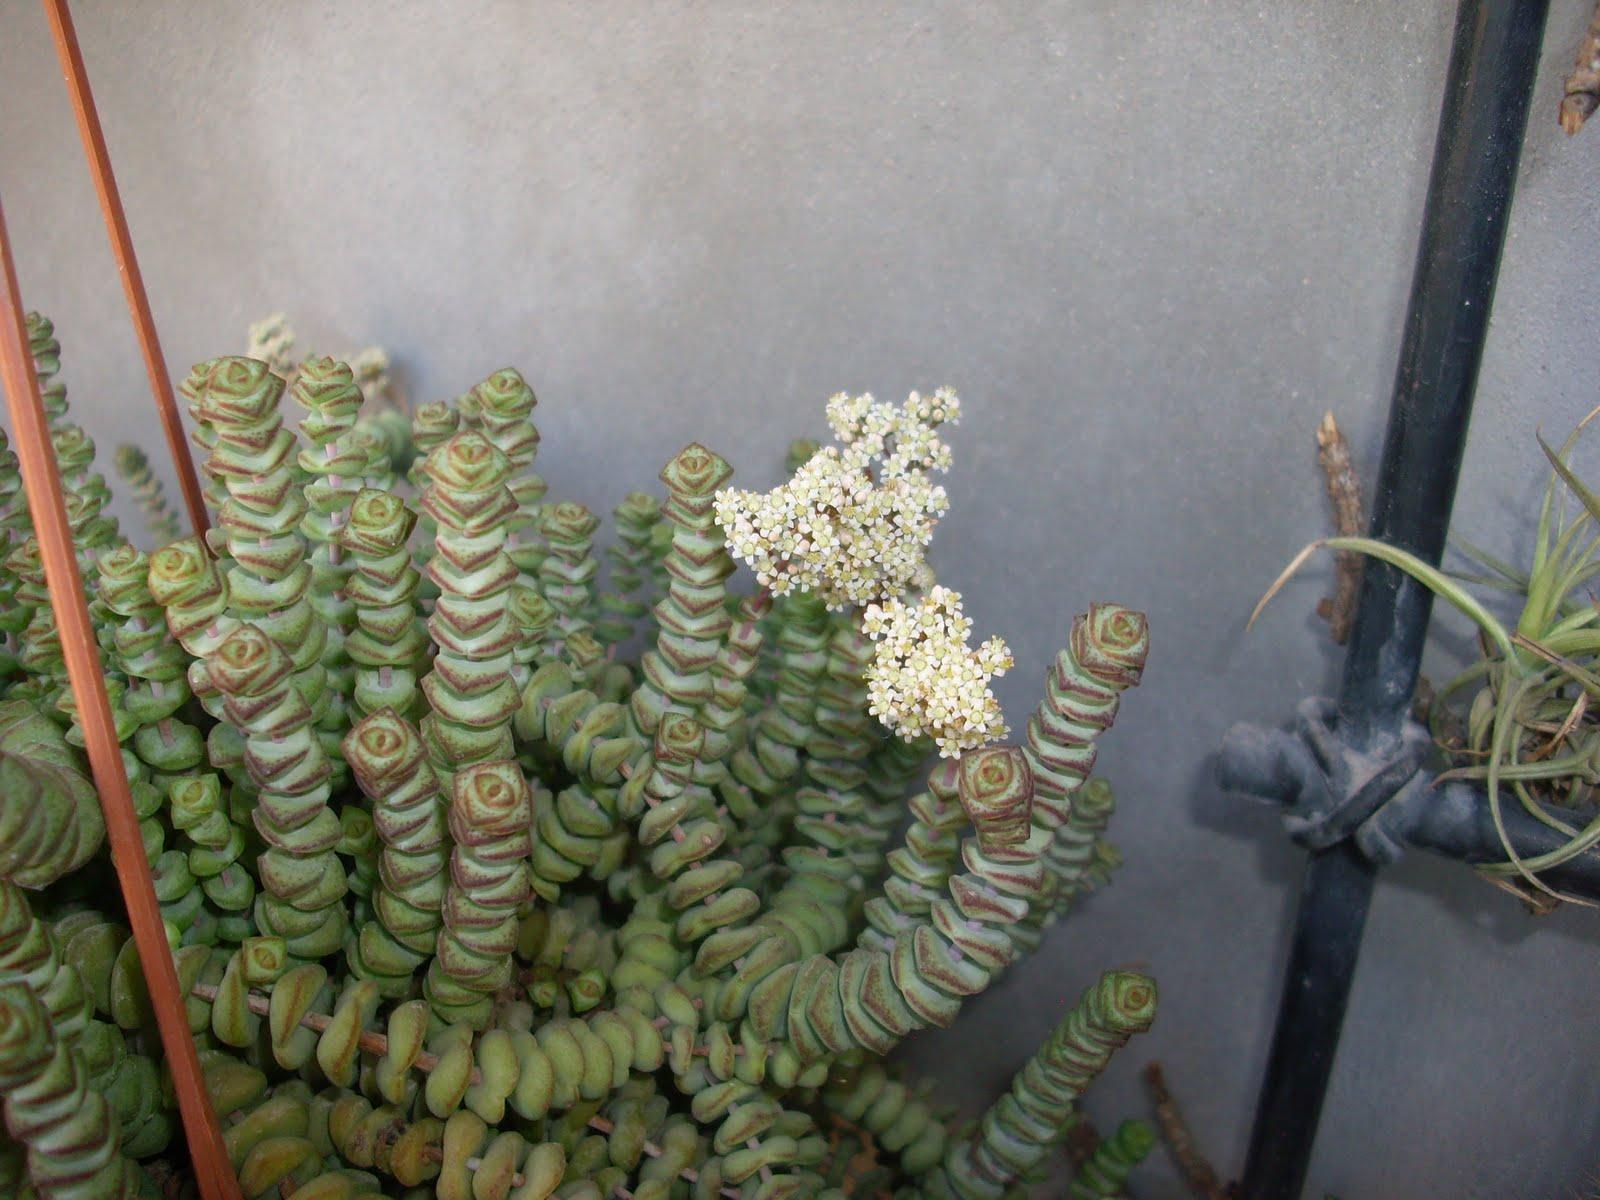 Mis cactus y crasas crassula marnieriana - Plantas crasas colgantes ...